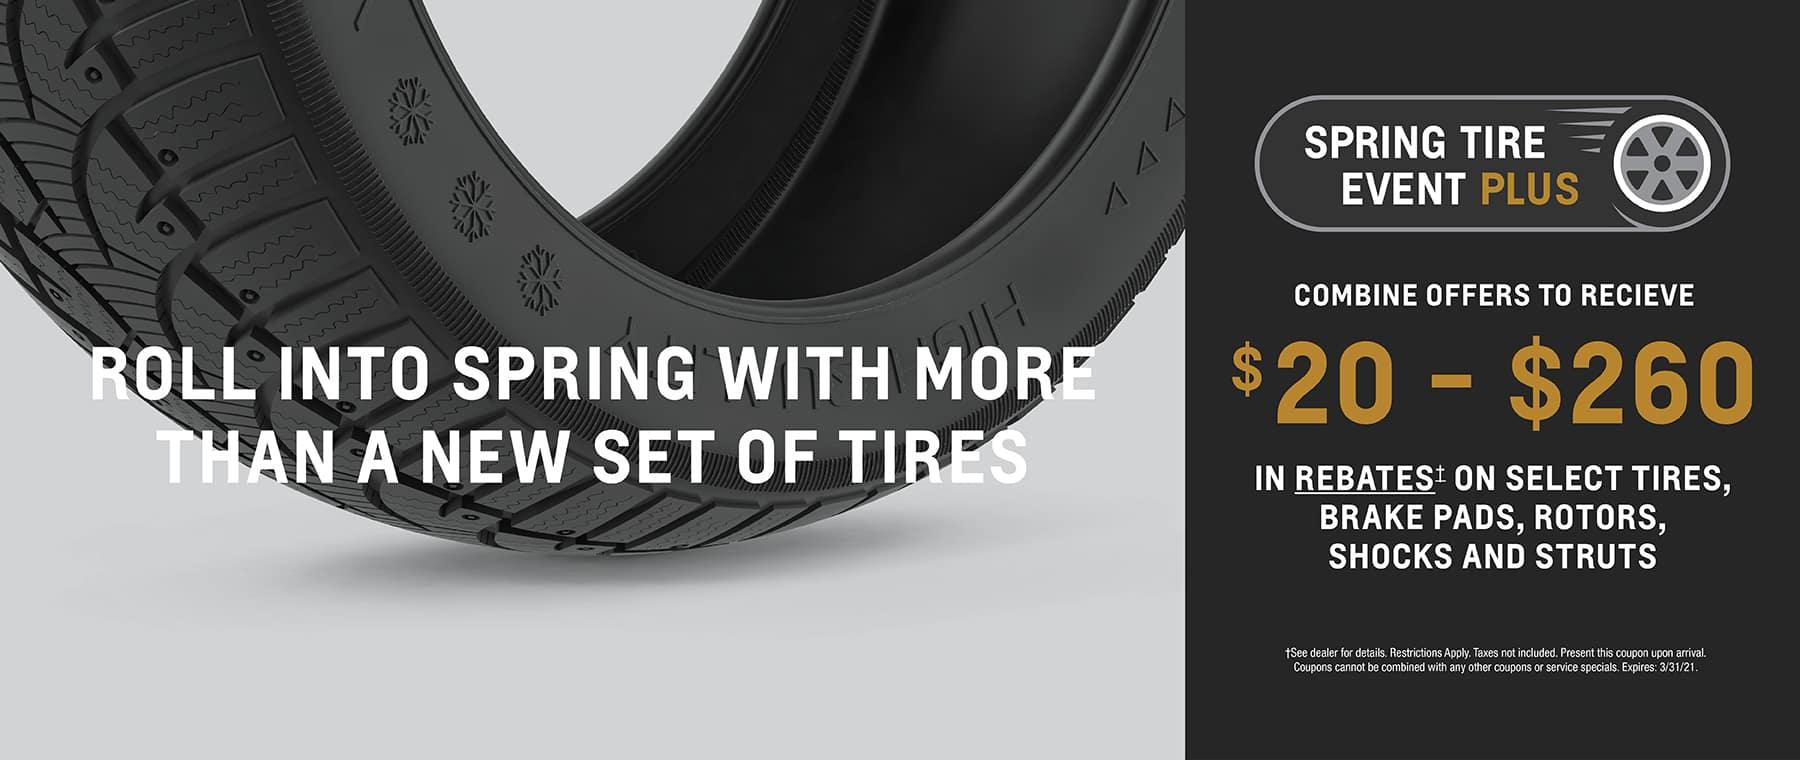 Spring Tire Event Plus